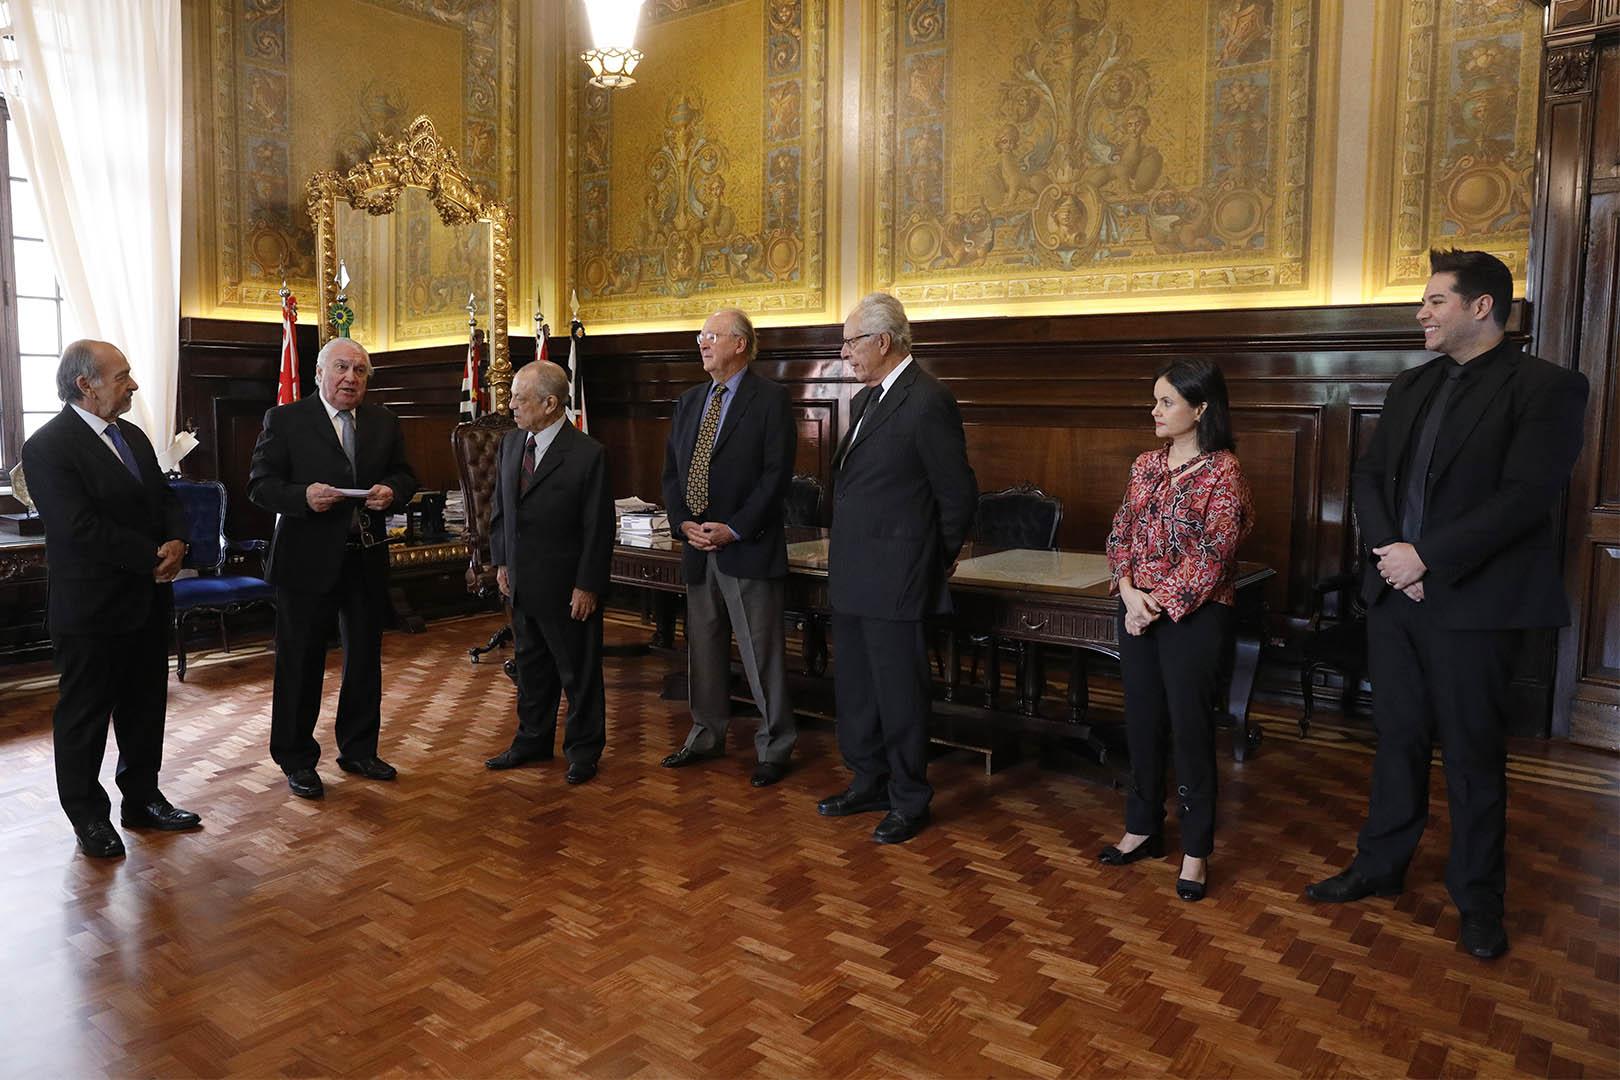 Fundação da Fraternidade Judiciária promove lançamento do 'Curso de Gestão em Finanças Pessoais'